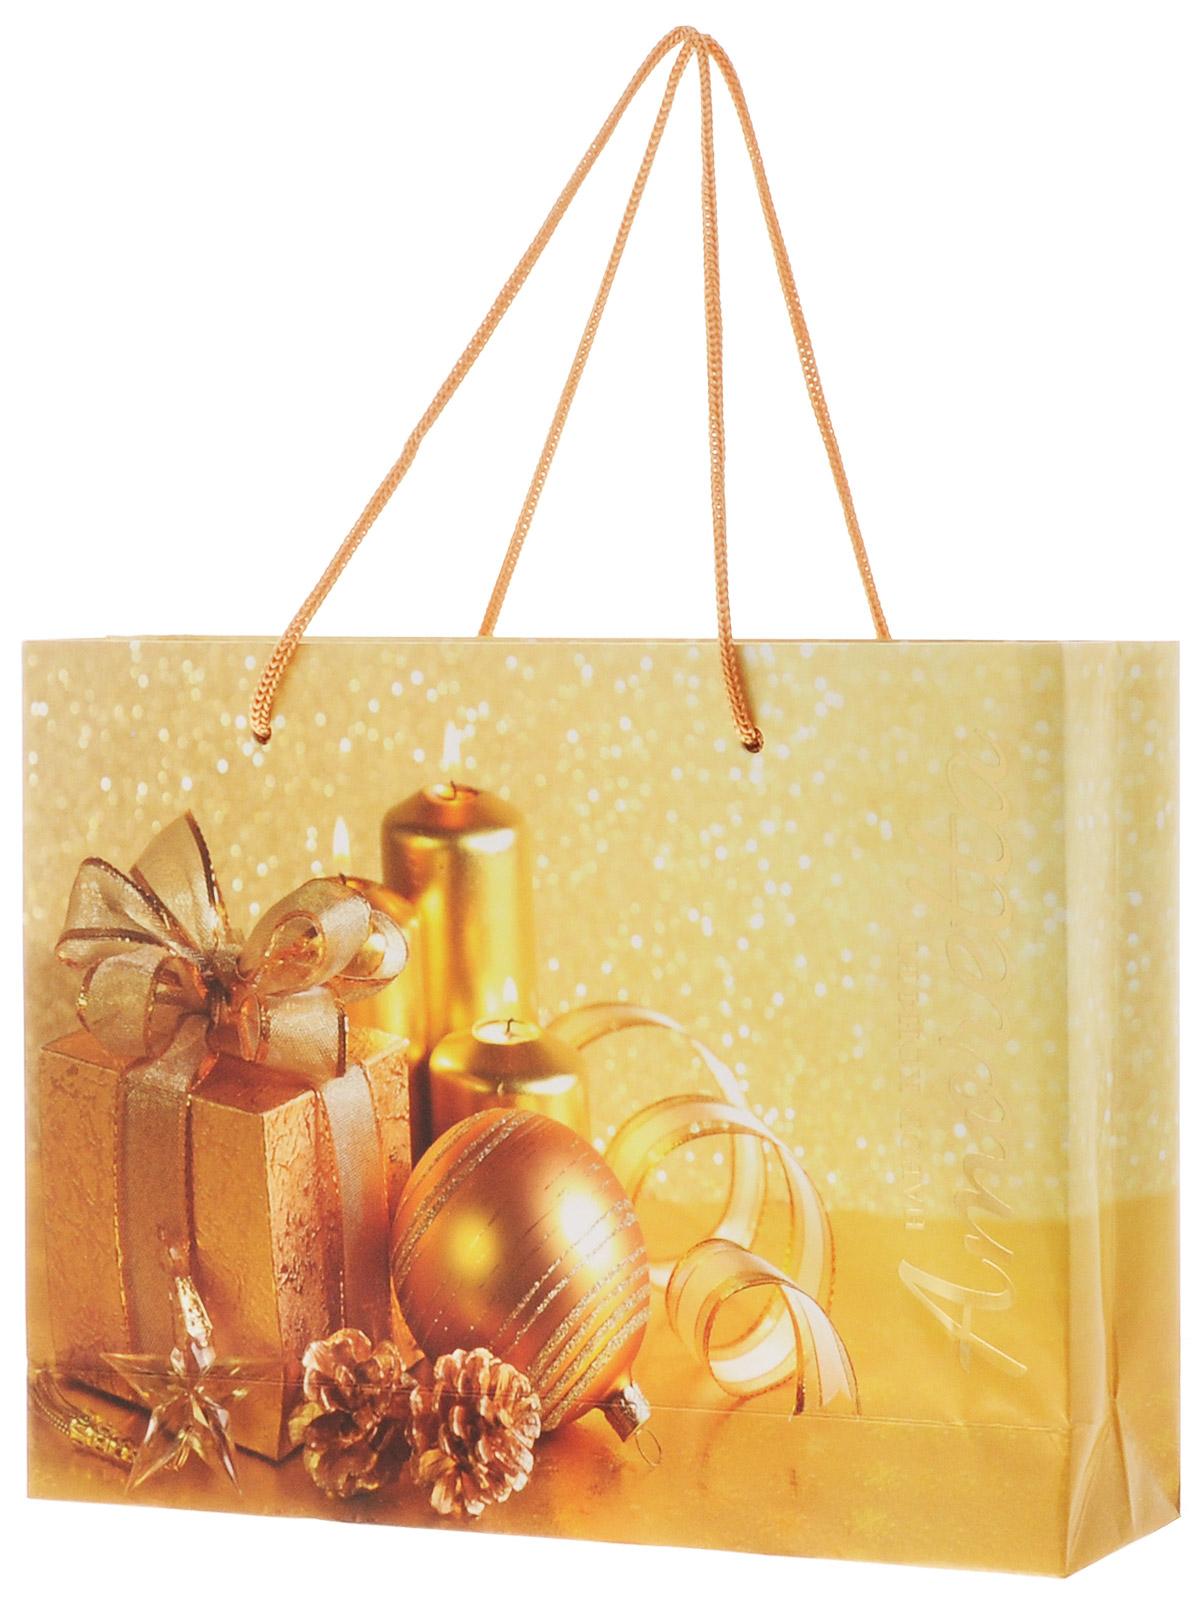 Mieszko Конфеты Аморетта Новый год, в подарочном пакете, 324 г фоторамка ji hengxuan photo frame 008 13